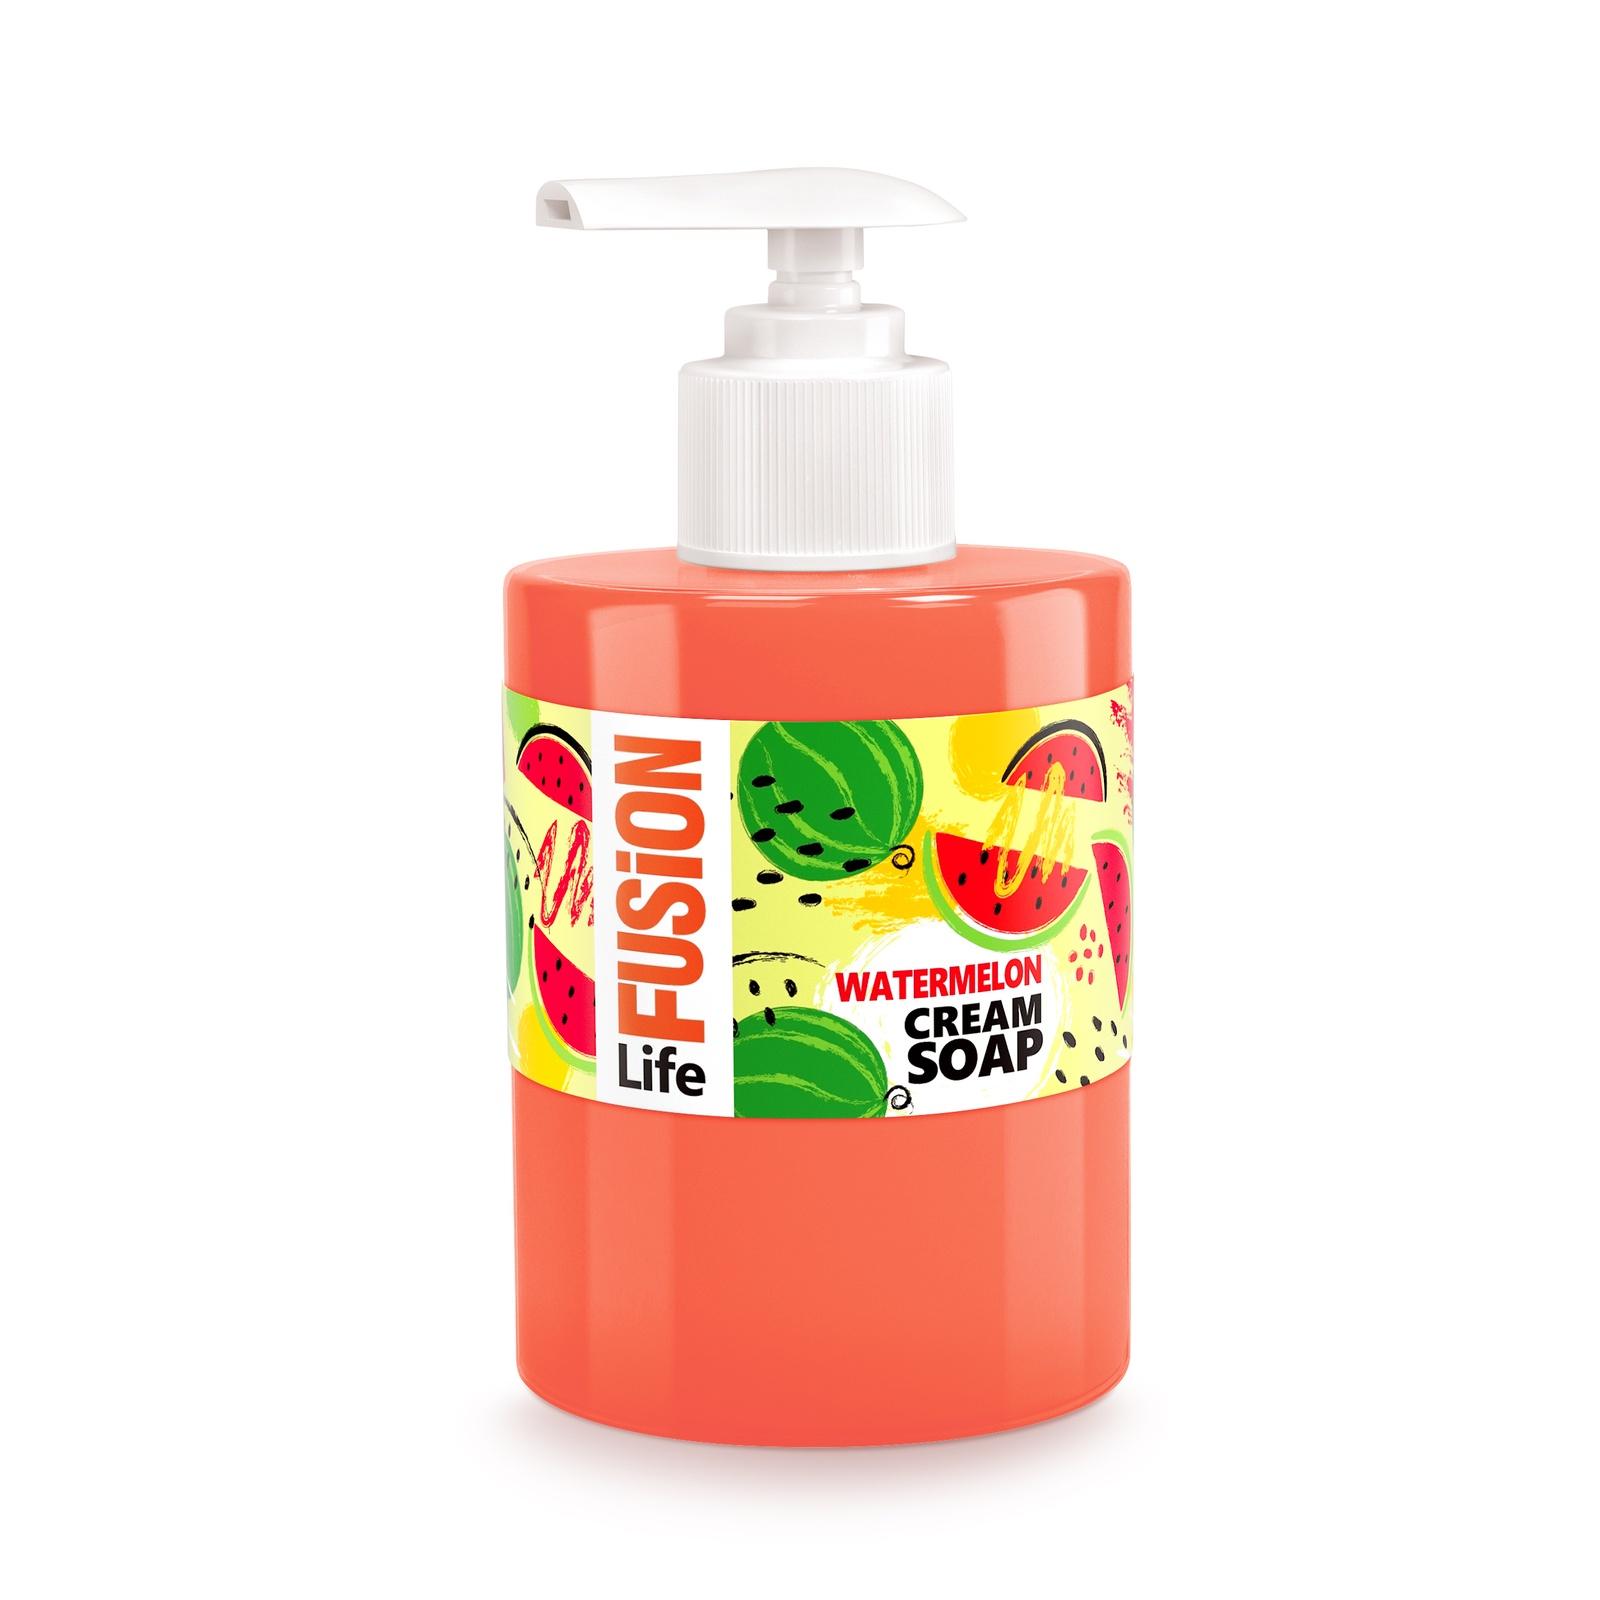 Фото - Жидкое крем-мыло для рук FUSION LIFE Сочный арбуз, 300 мл sanata жидкое крем мыло modamo лесная черника 300 мл